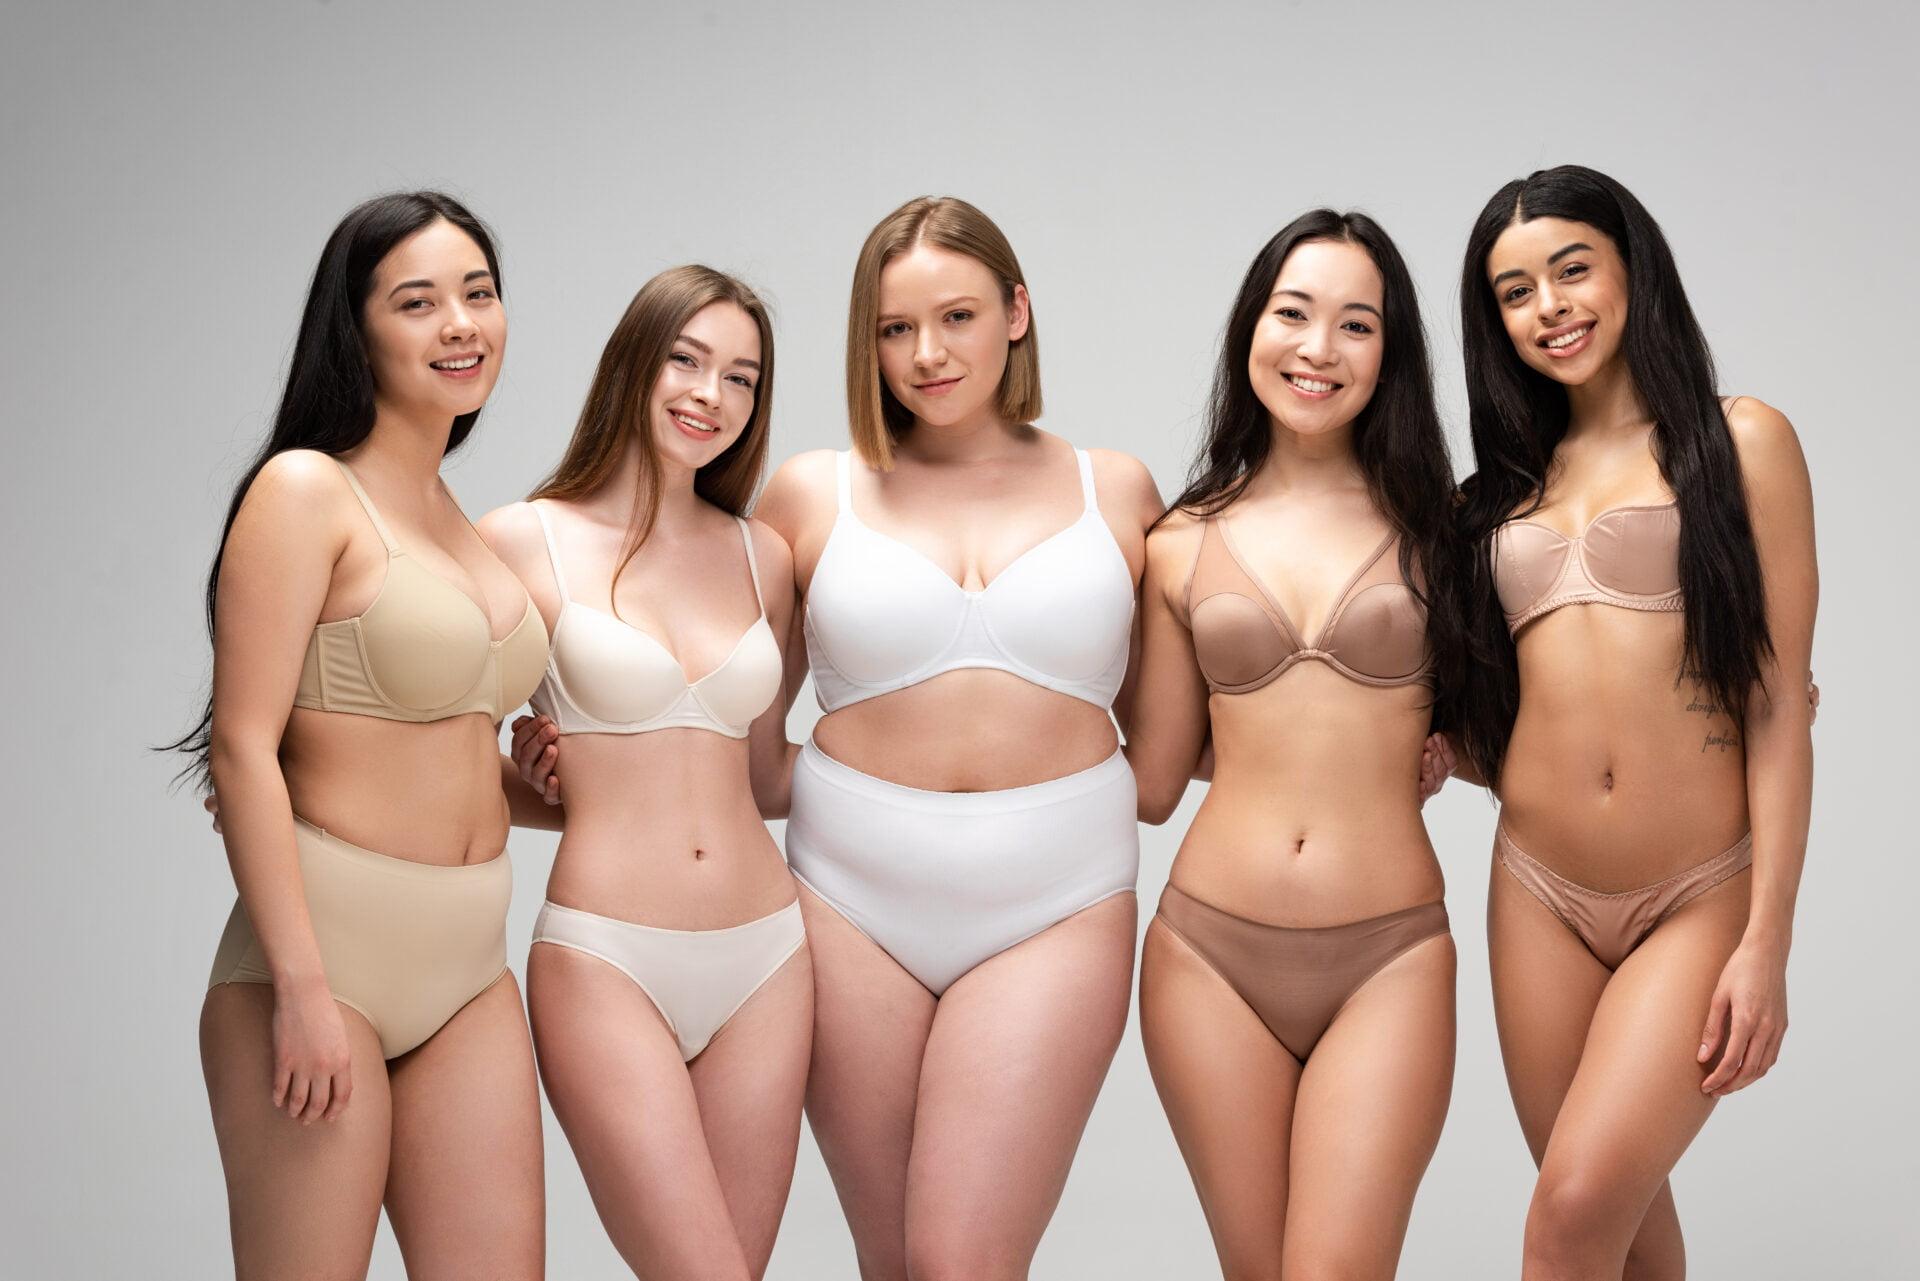 women wearing period panties